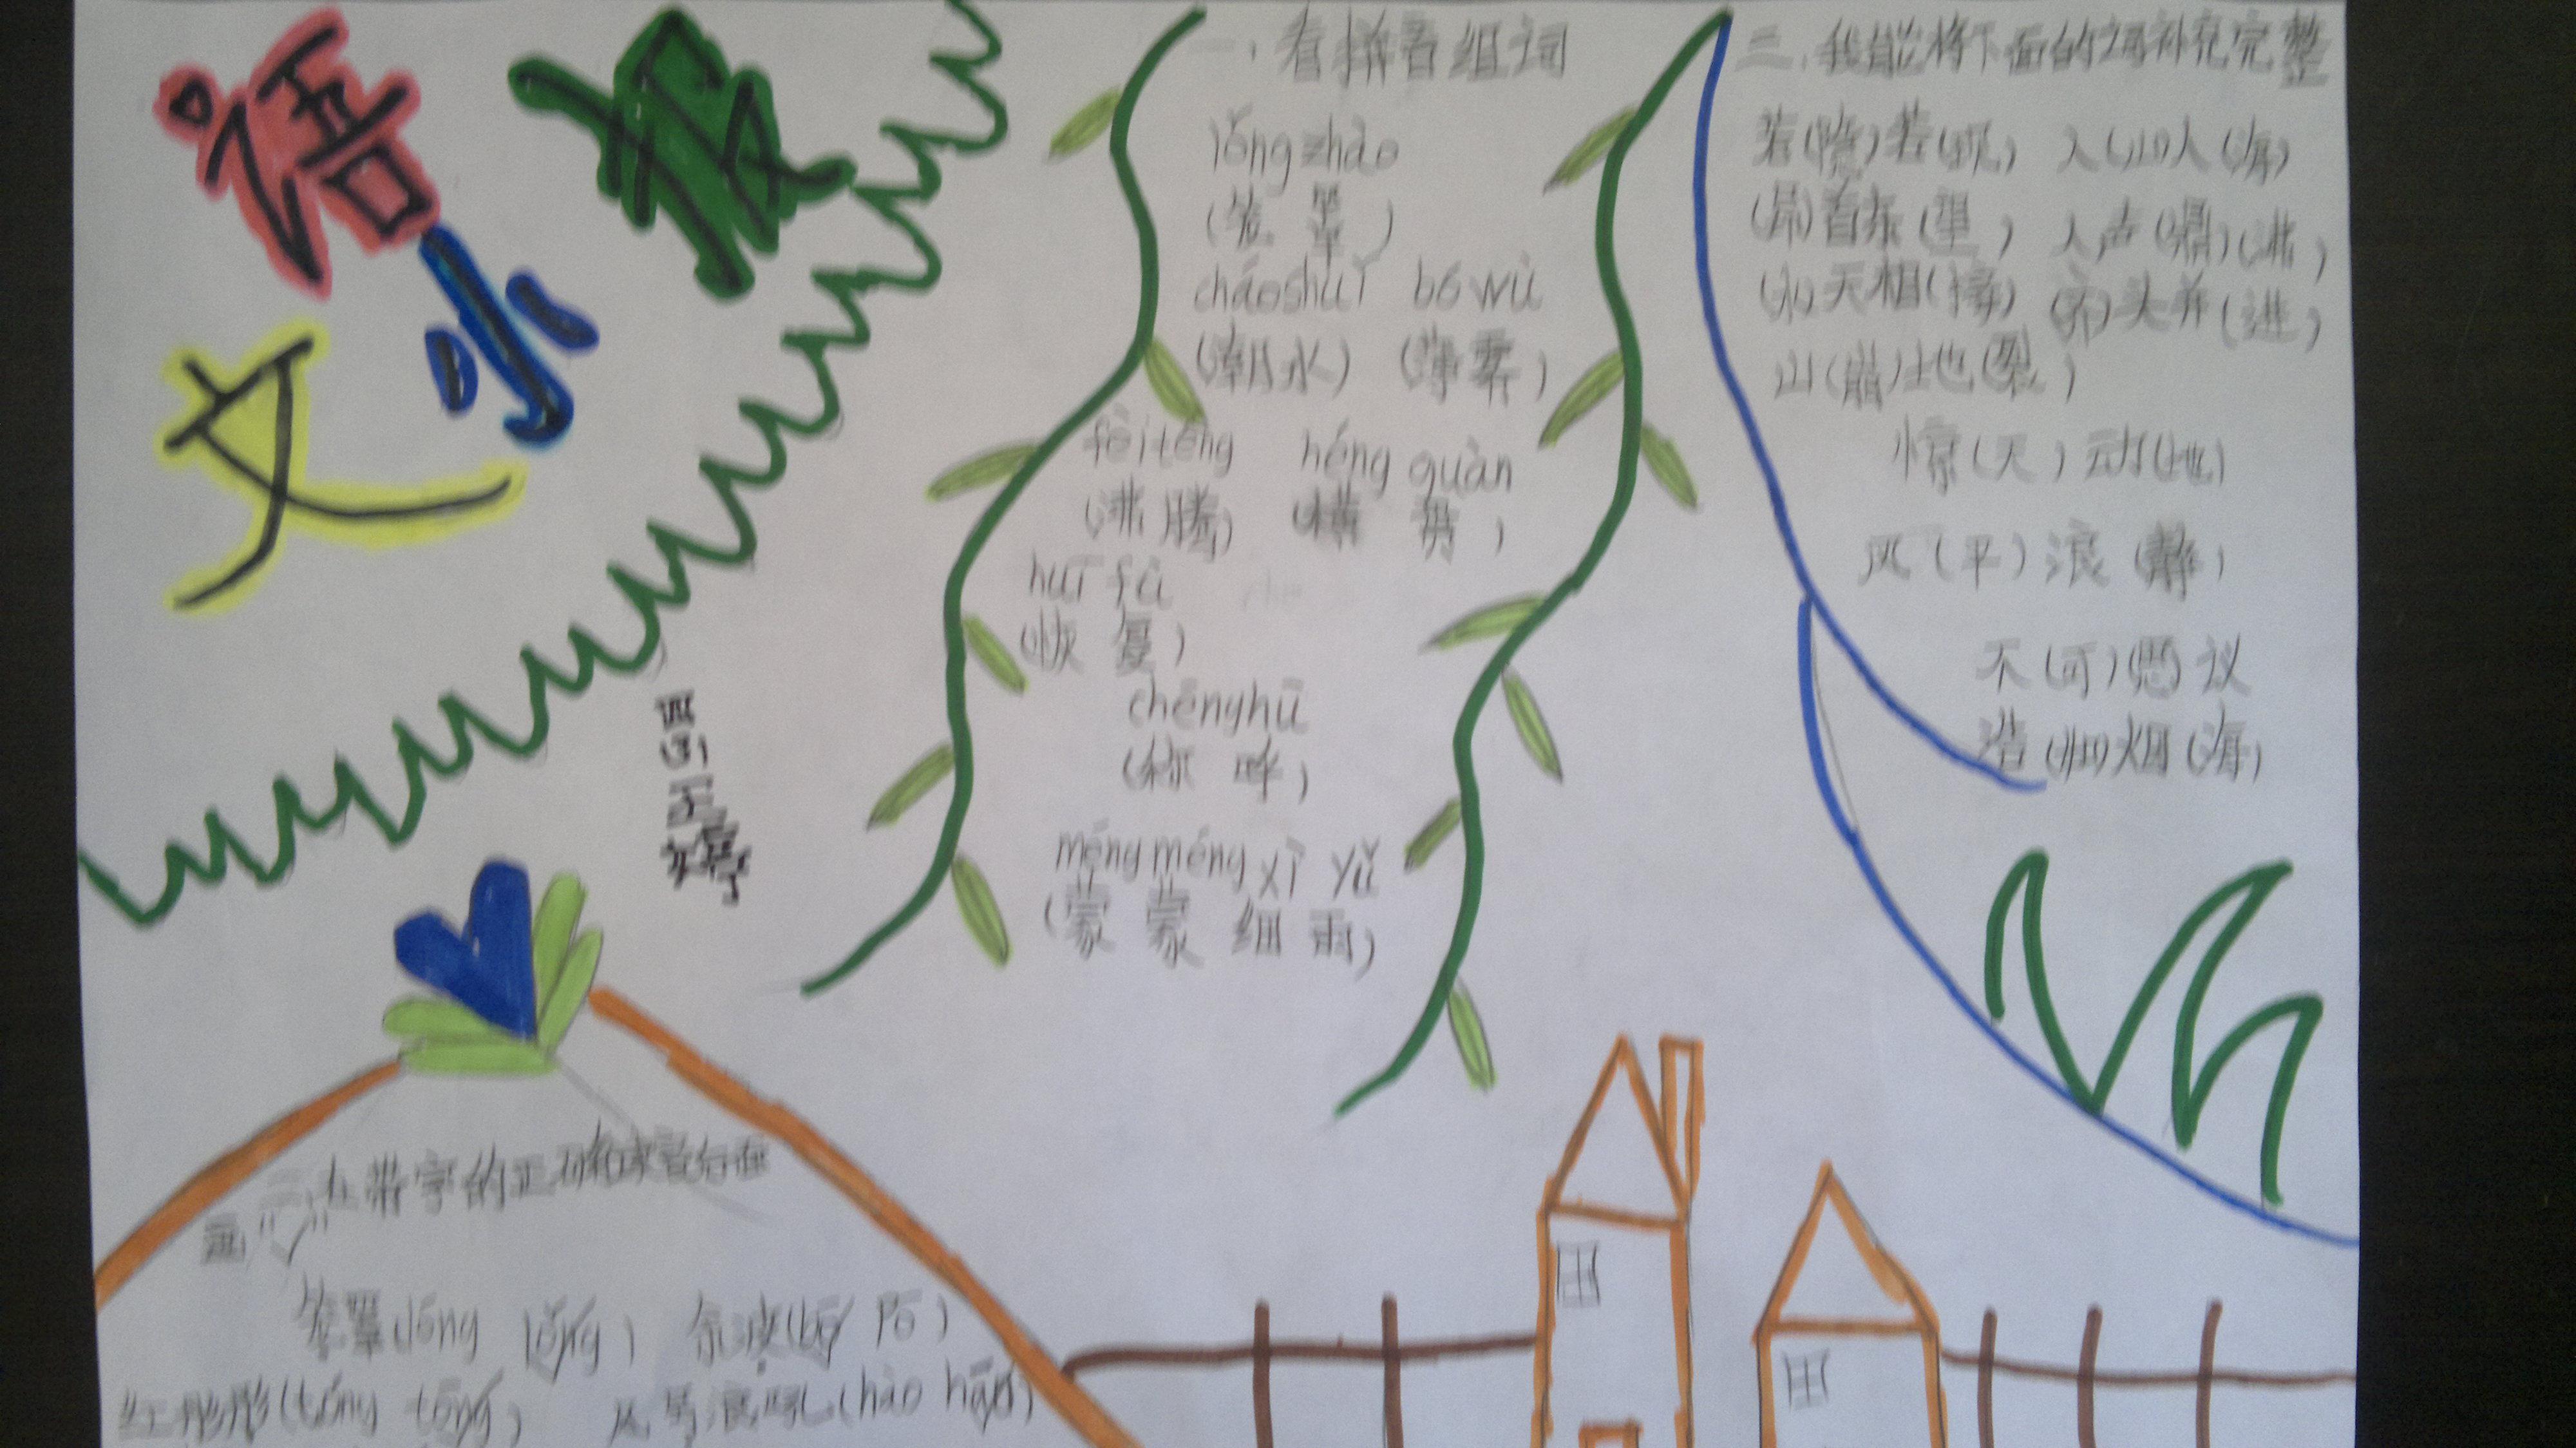 小学生三年级手抄报语文字怎么写